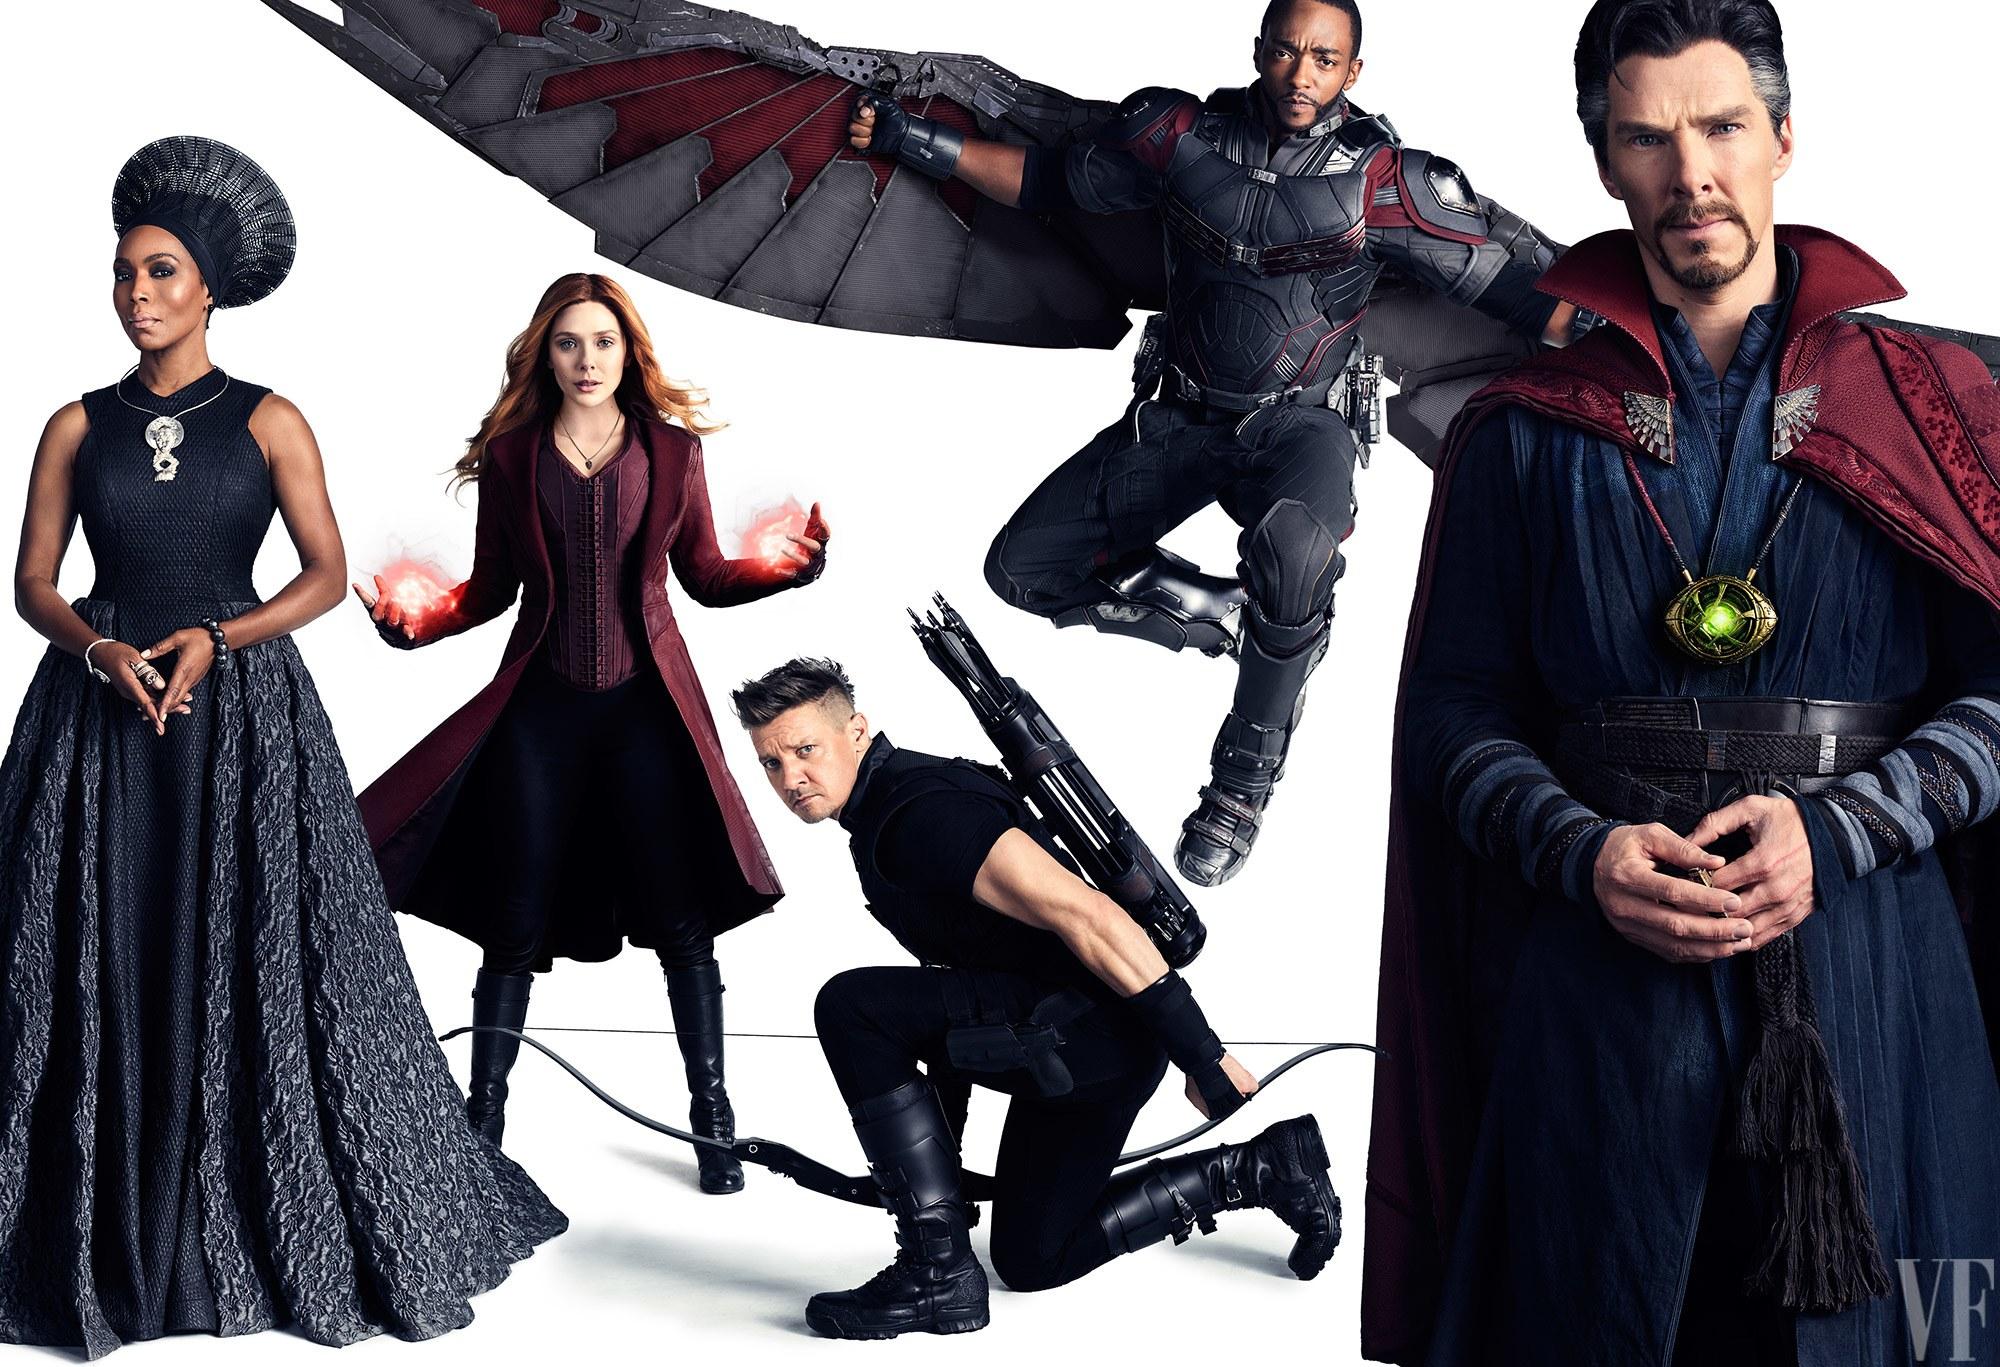 Angela Bassett, mint Ramonda, Elizabeth Olsen, mint Skarlát Boszorkány, Jeremy Renner, mint Sólyomszem, Anthony Mackie, mint Sólyom és Benedict Cumberbatch, mint Doctor Strange